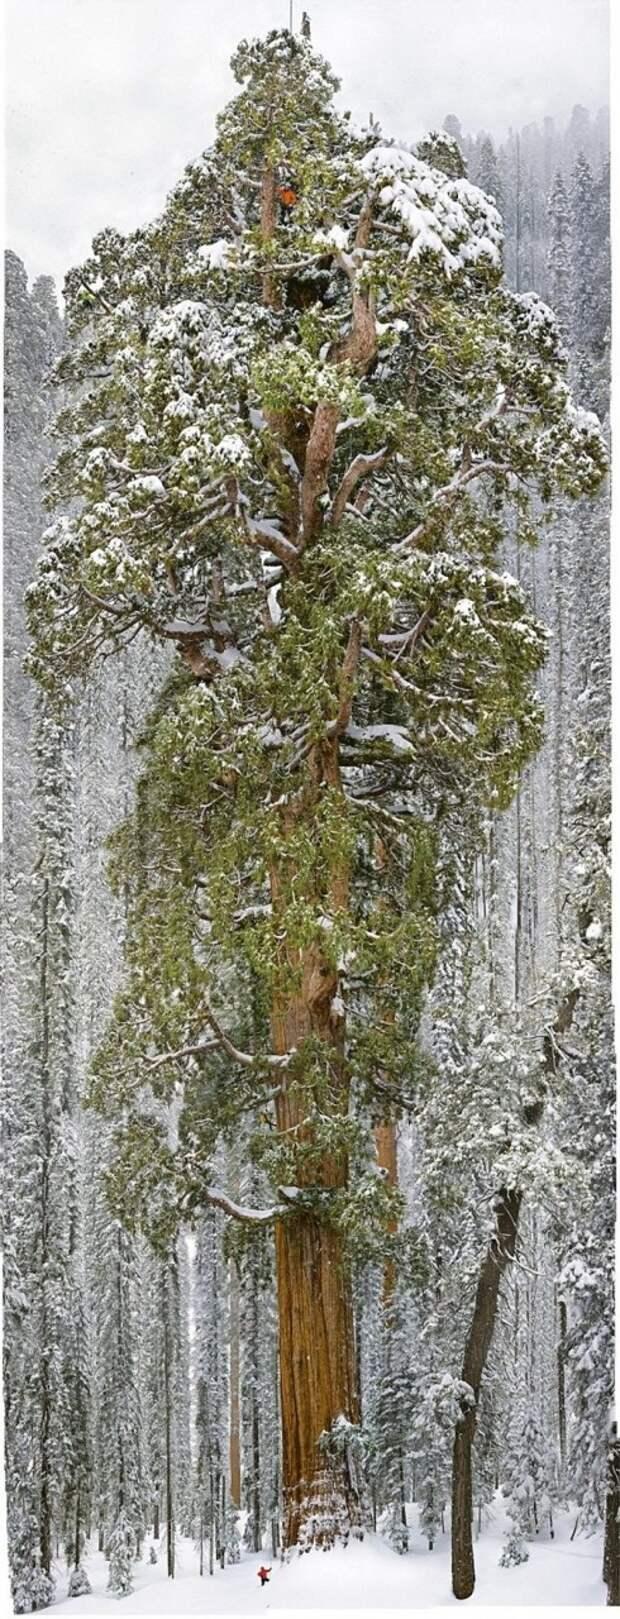 Чтобы заснять это дерево целиком, фотографам понадобилось 32 дня